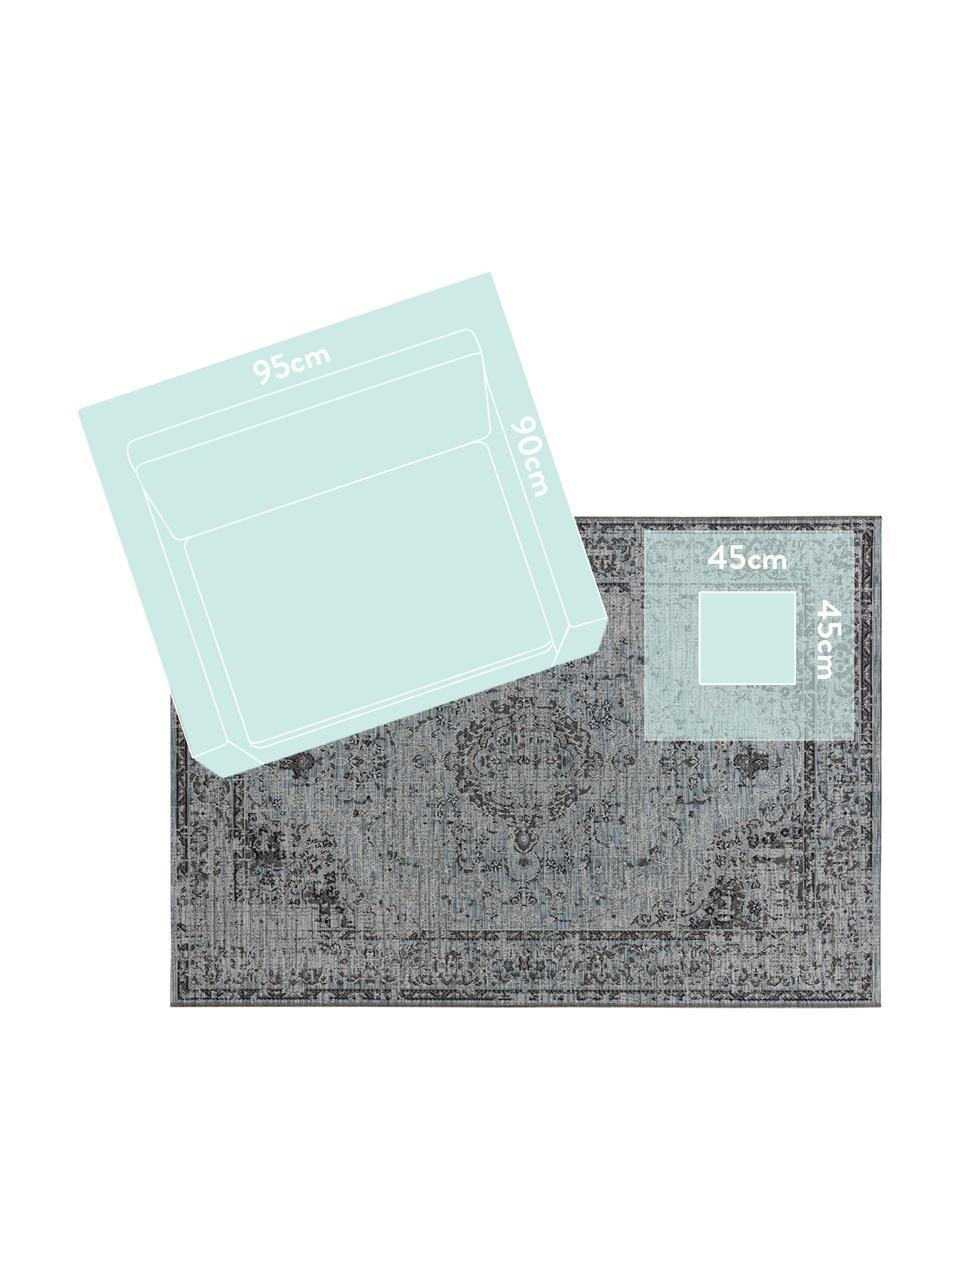 In- & Outdoor-Teppich Cenon im Vintagelook, 100% Polypropylen, Blautöne, B 190 x L 290 cm (Größe L)